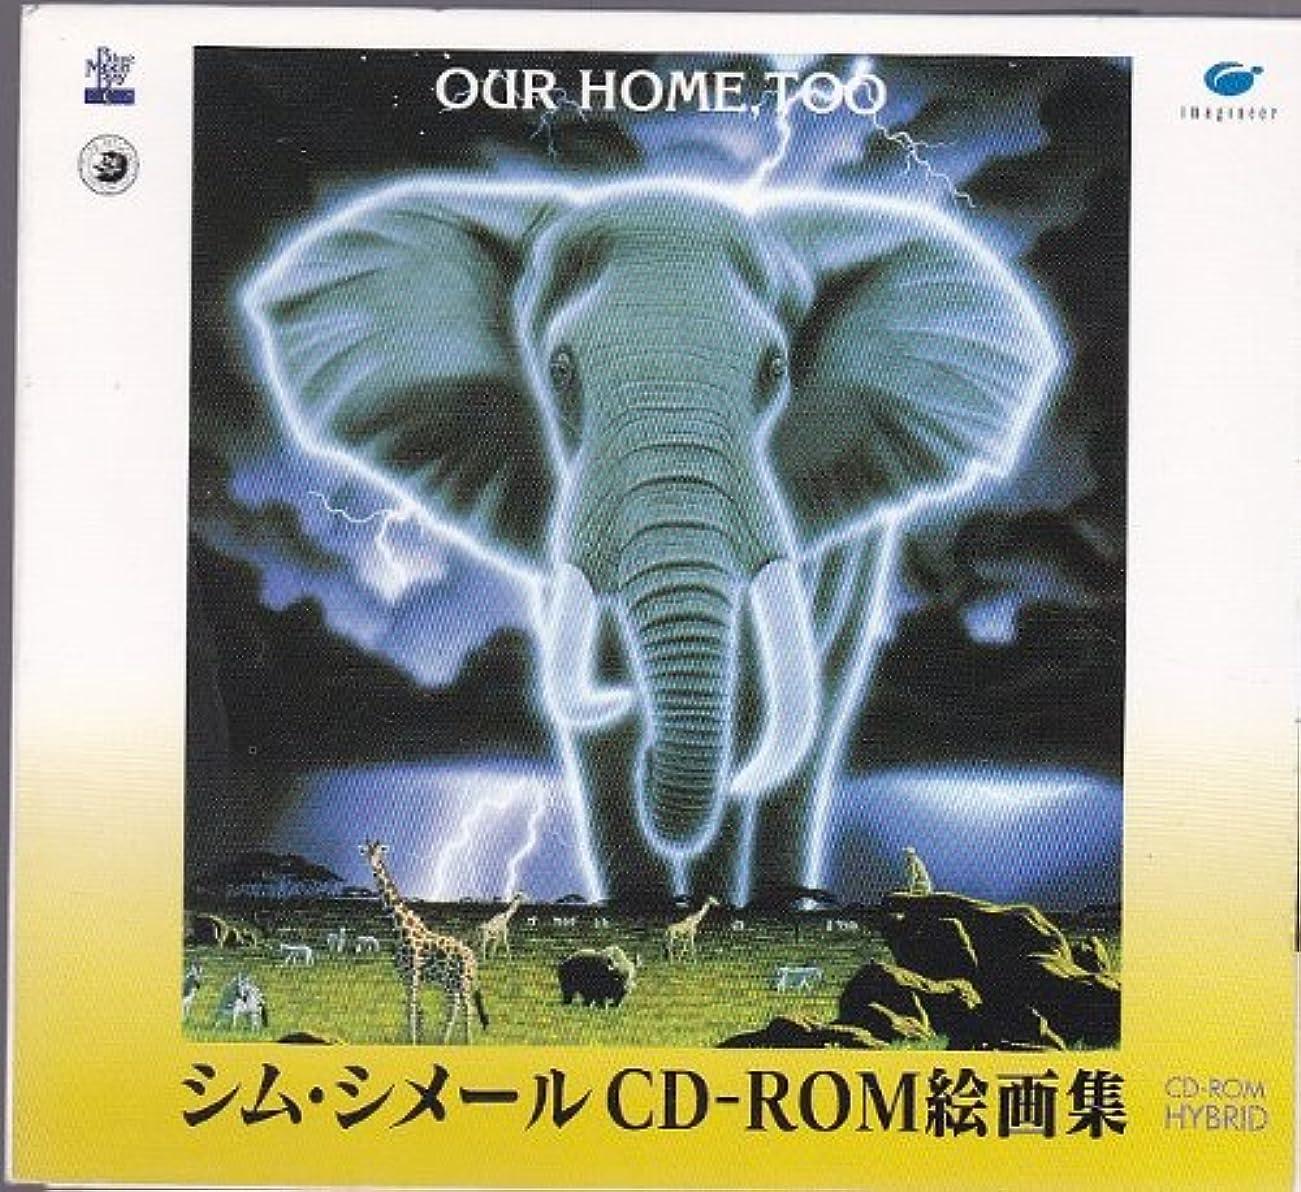 転用森無駄シム メール CD-ROM絵画集 サウンド 東儀秀樹